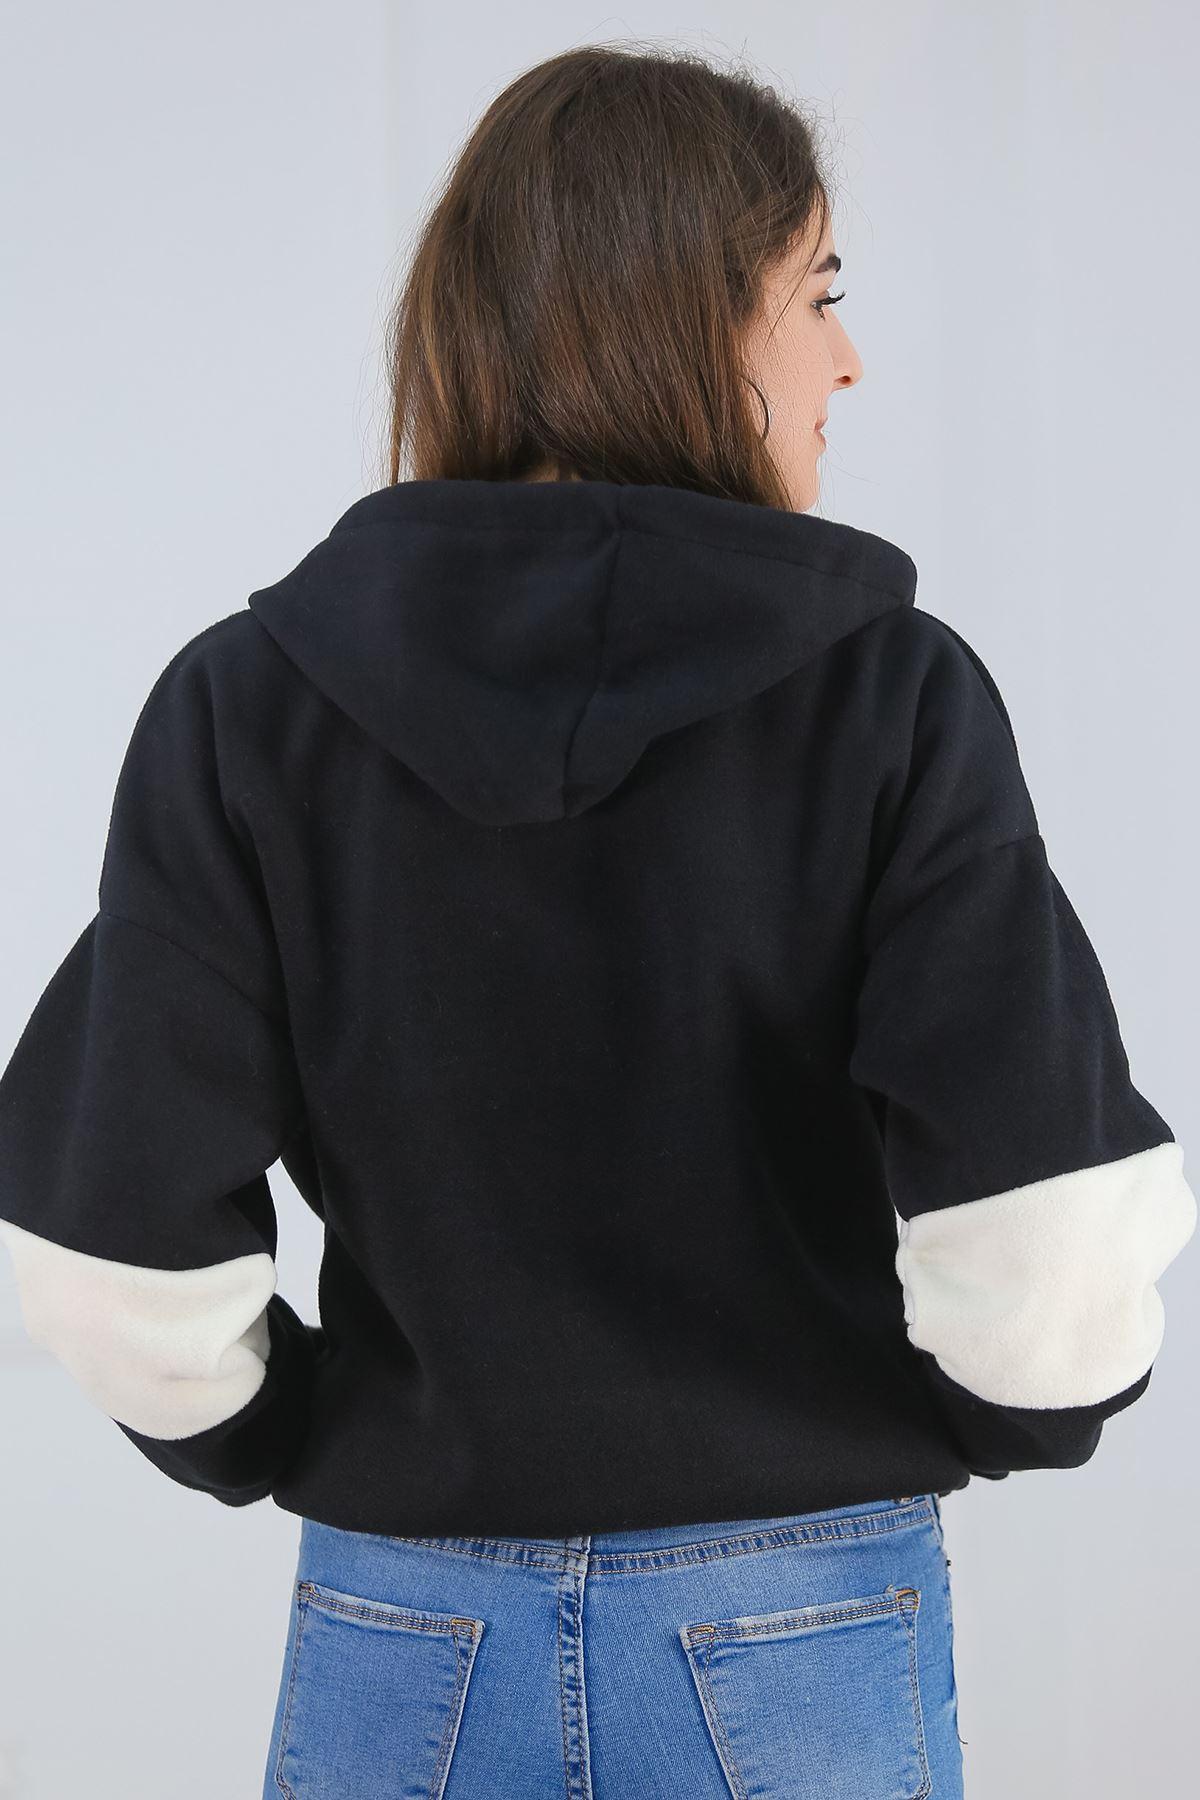 Polar Ceket Siyah - 4718.1254.